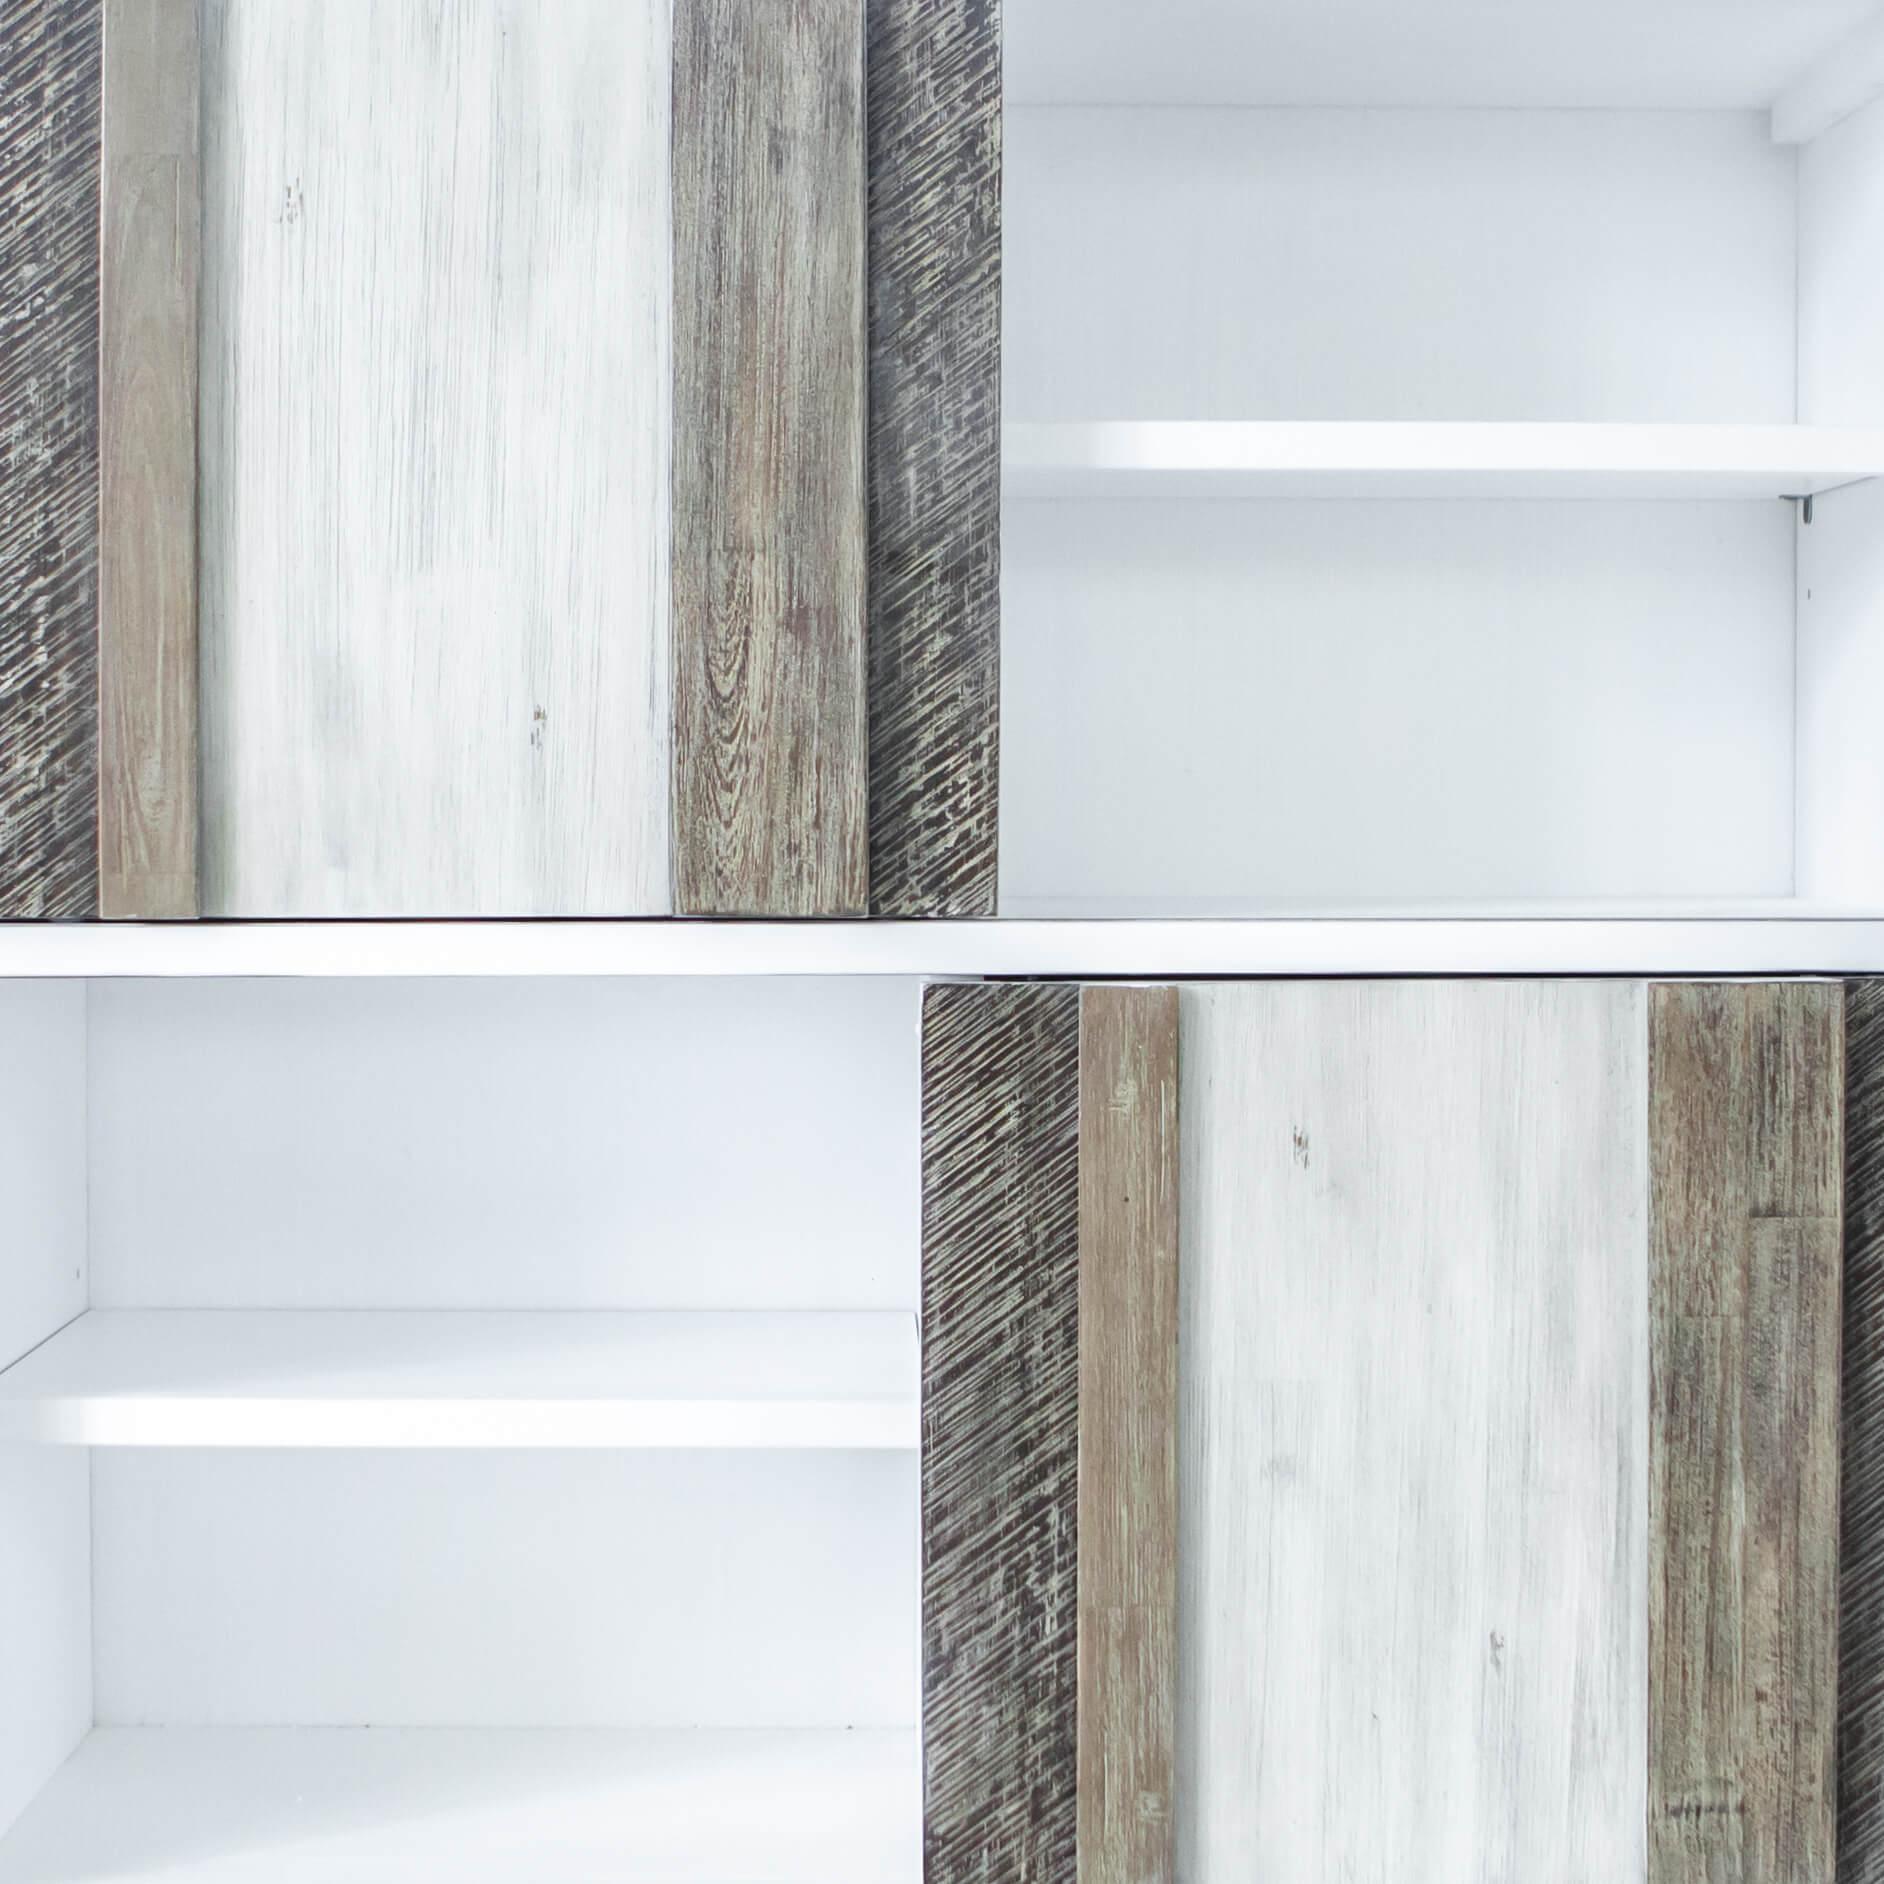 Estante Nice, MDF lacado/madeira de acácia, 140x110